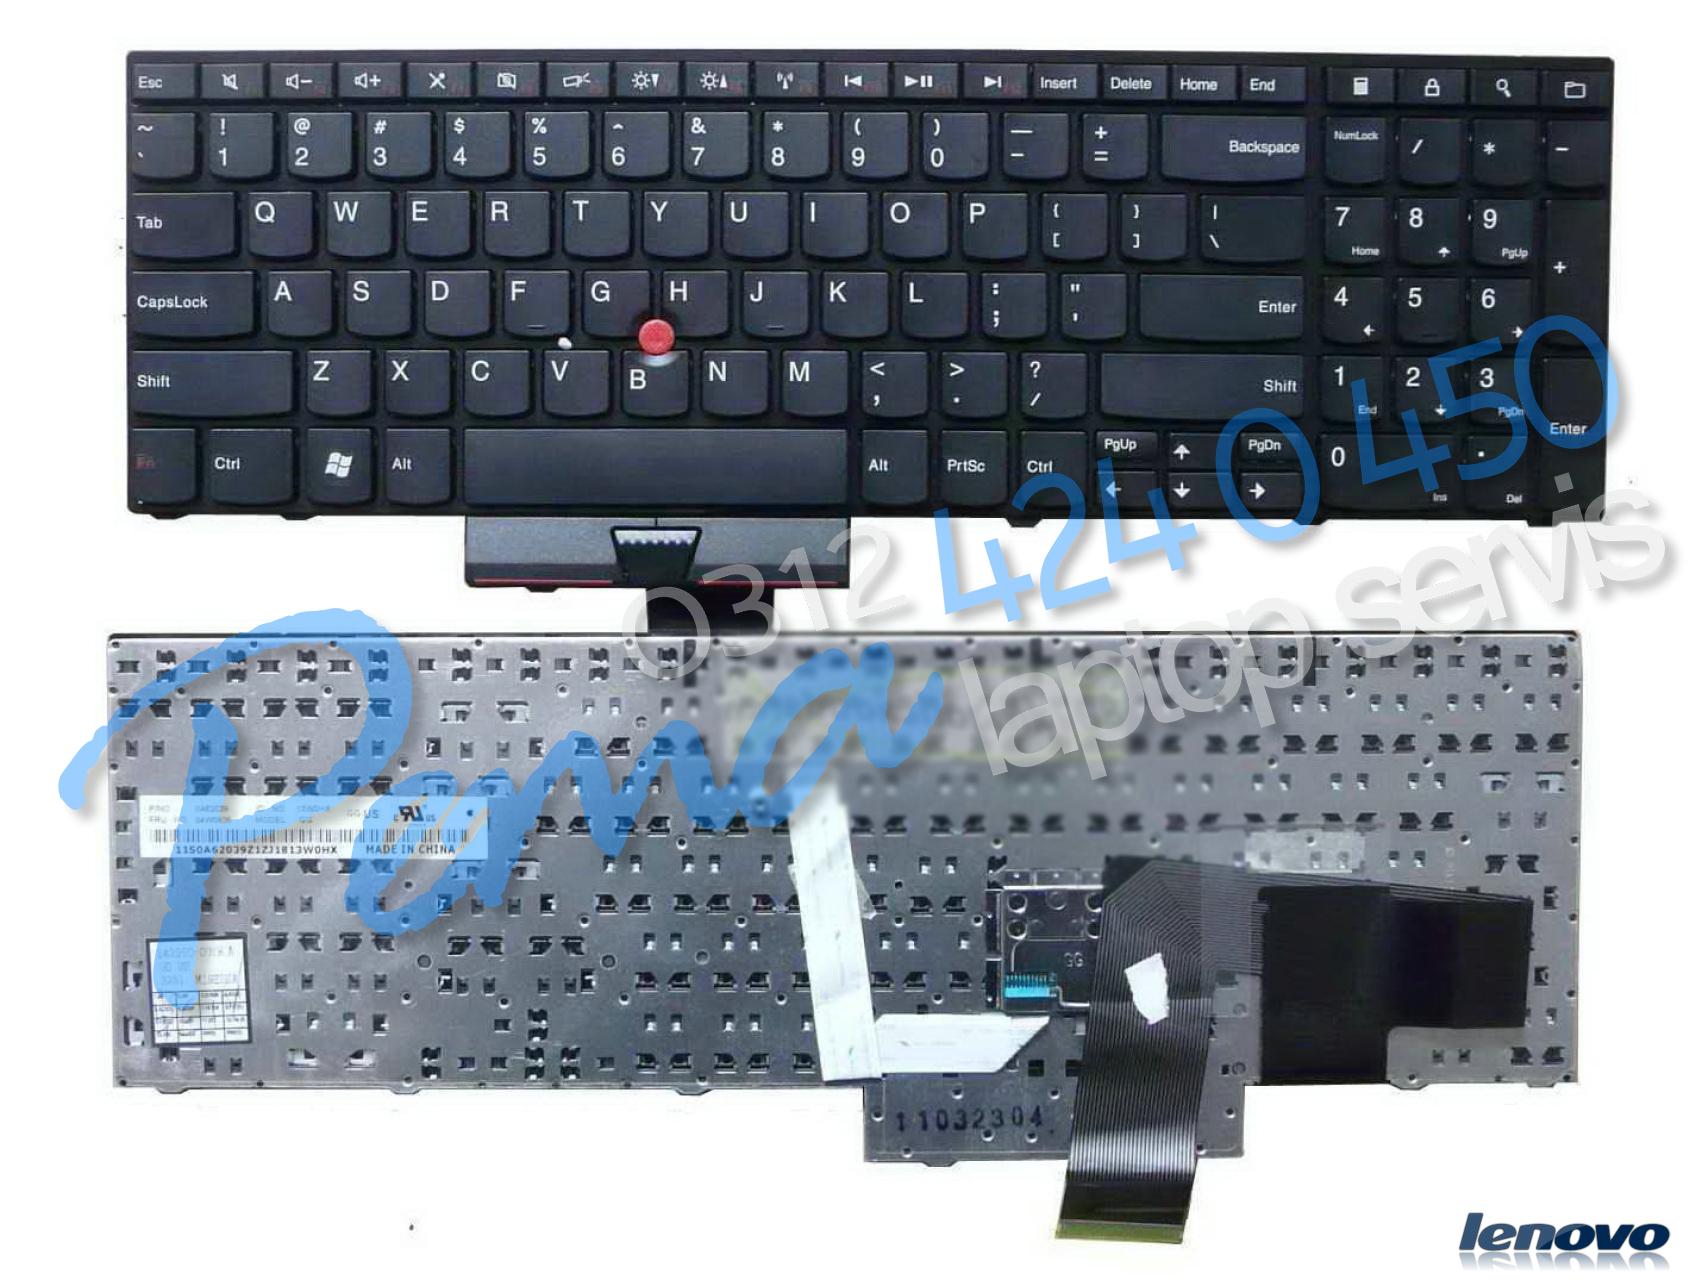 Lenovo ThinkPad E520 klavye